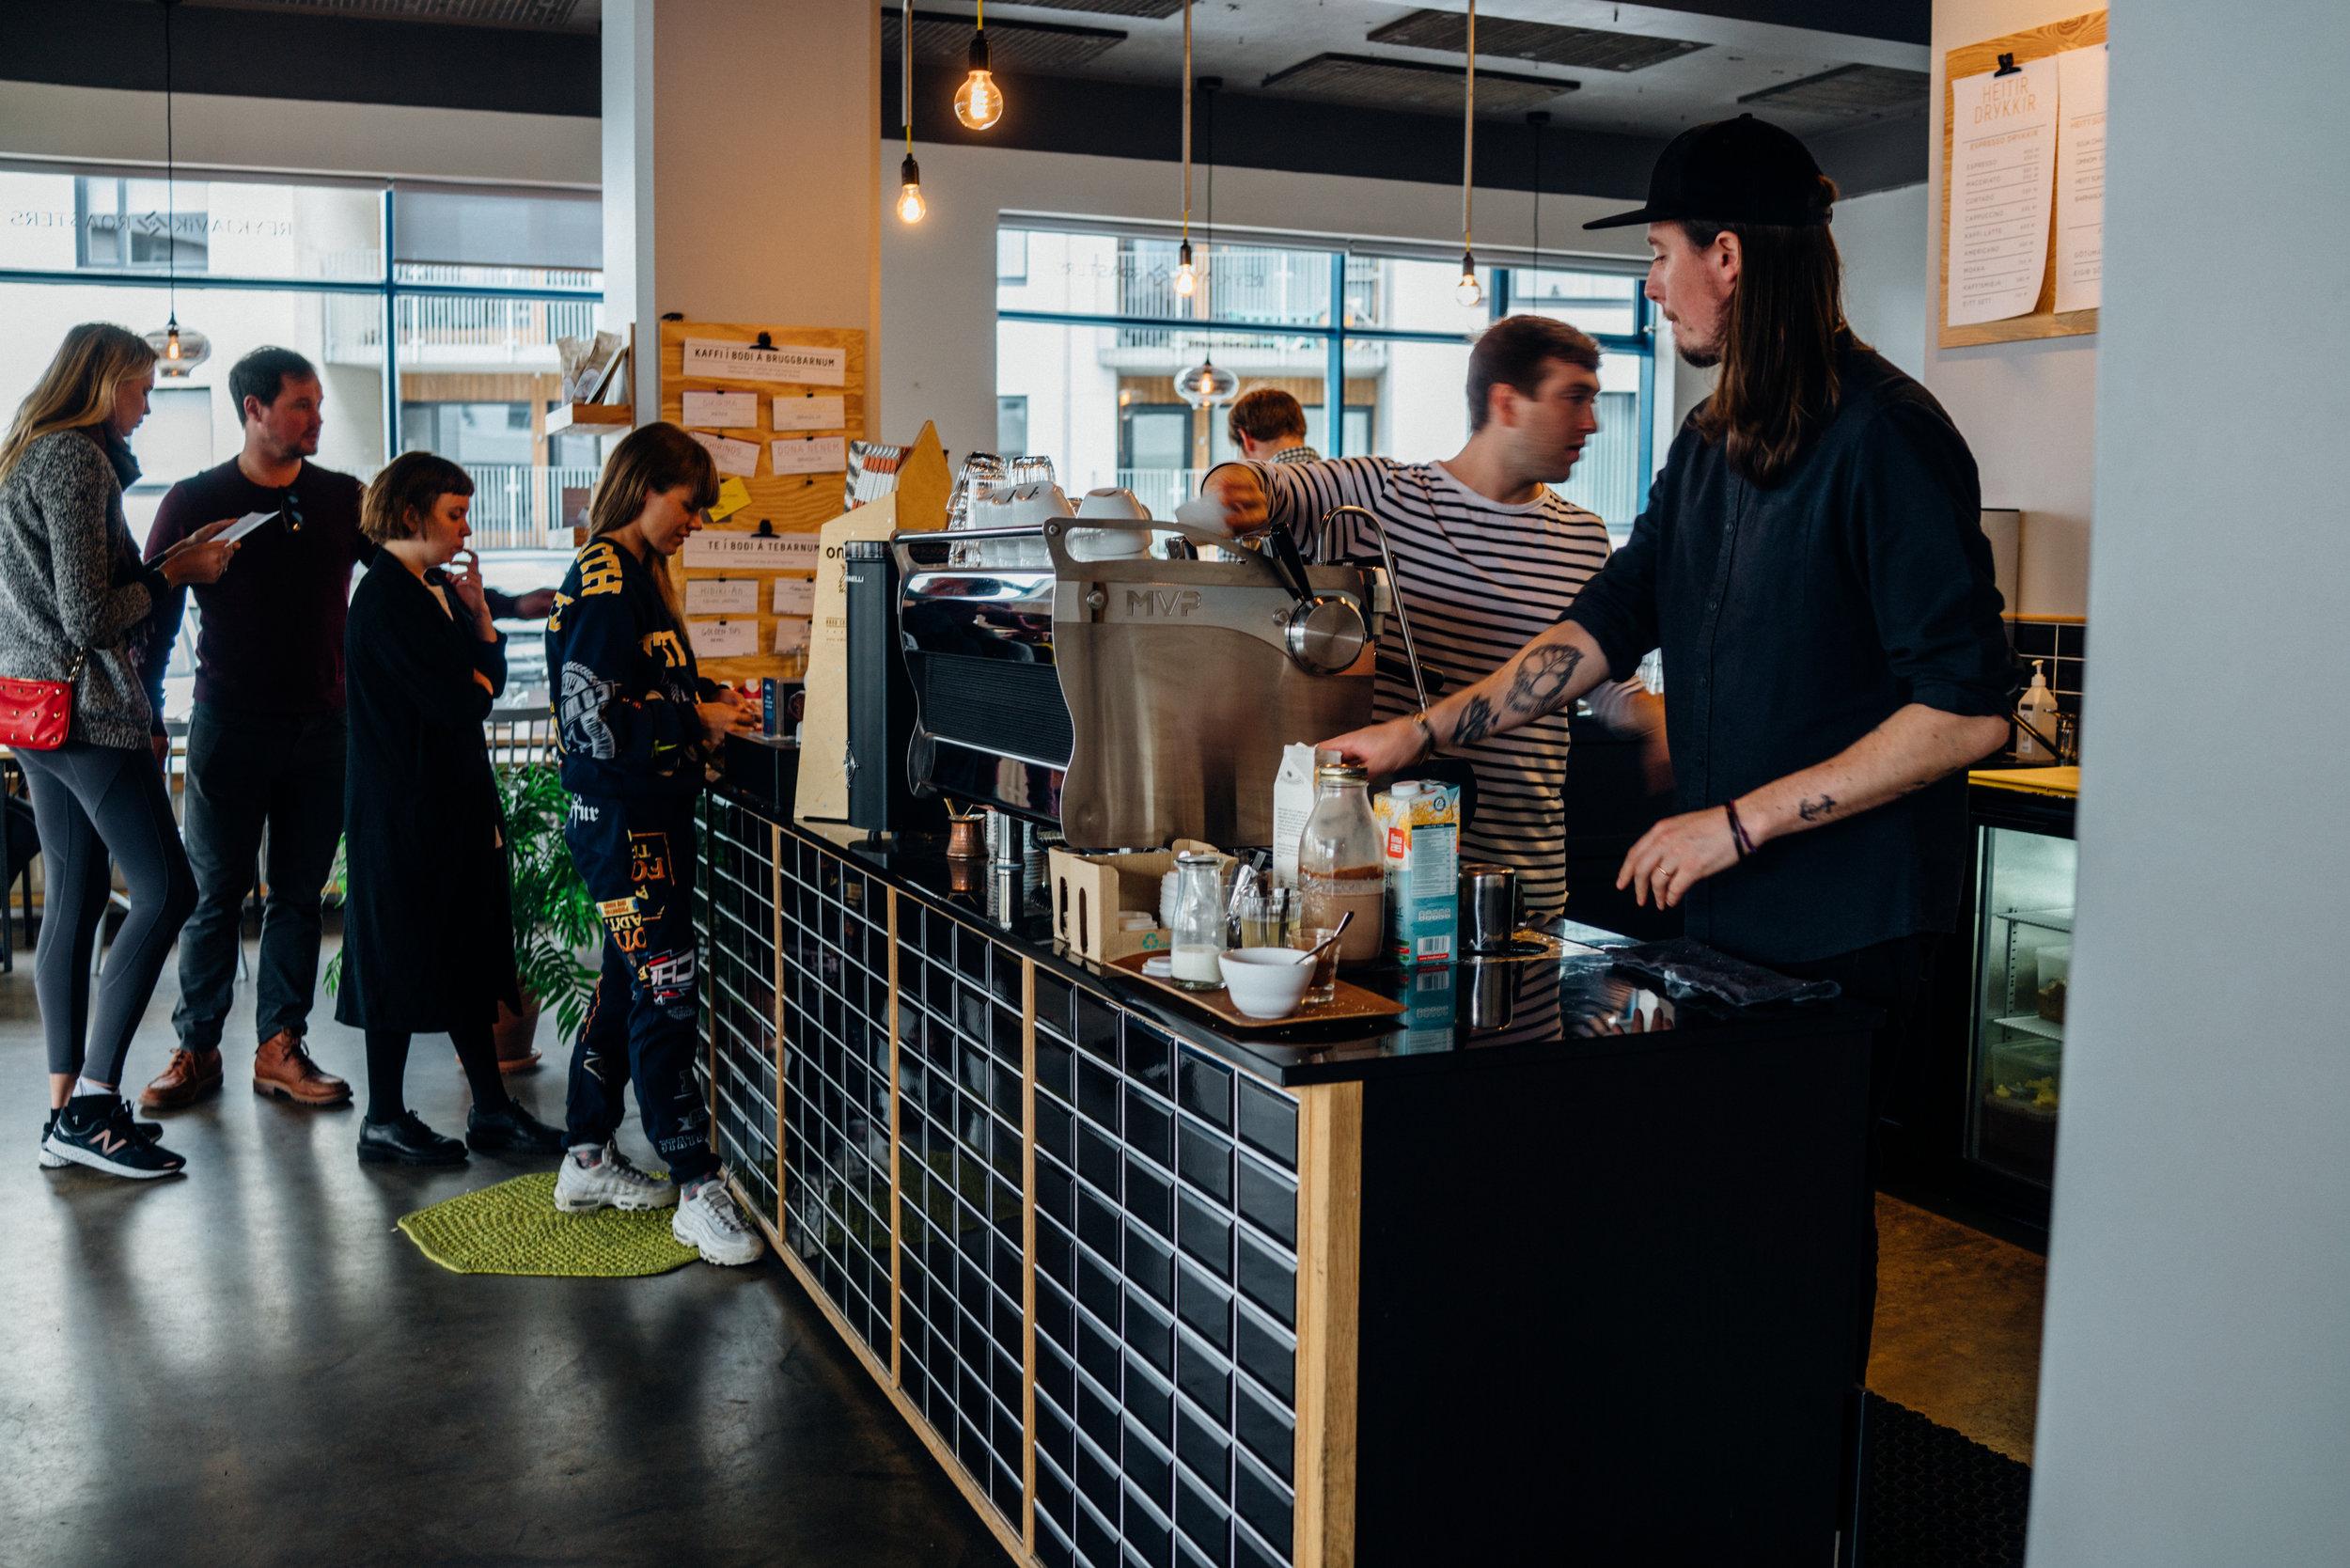 """Morning """"rush"""" at Reykjavík Roasters'Brautarholt location"""